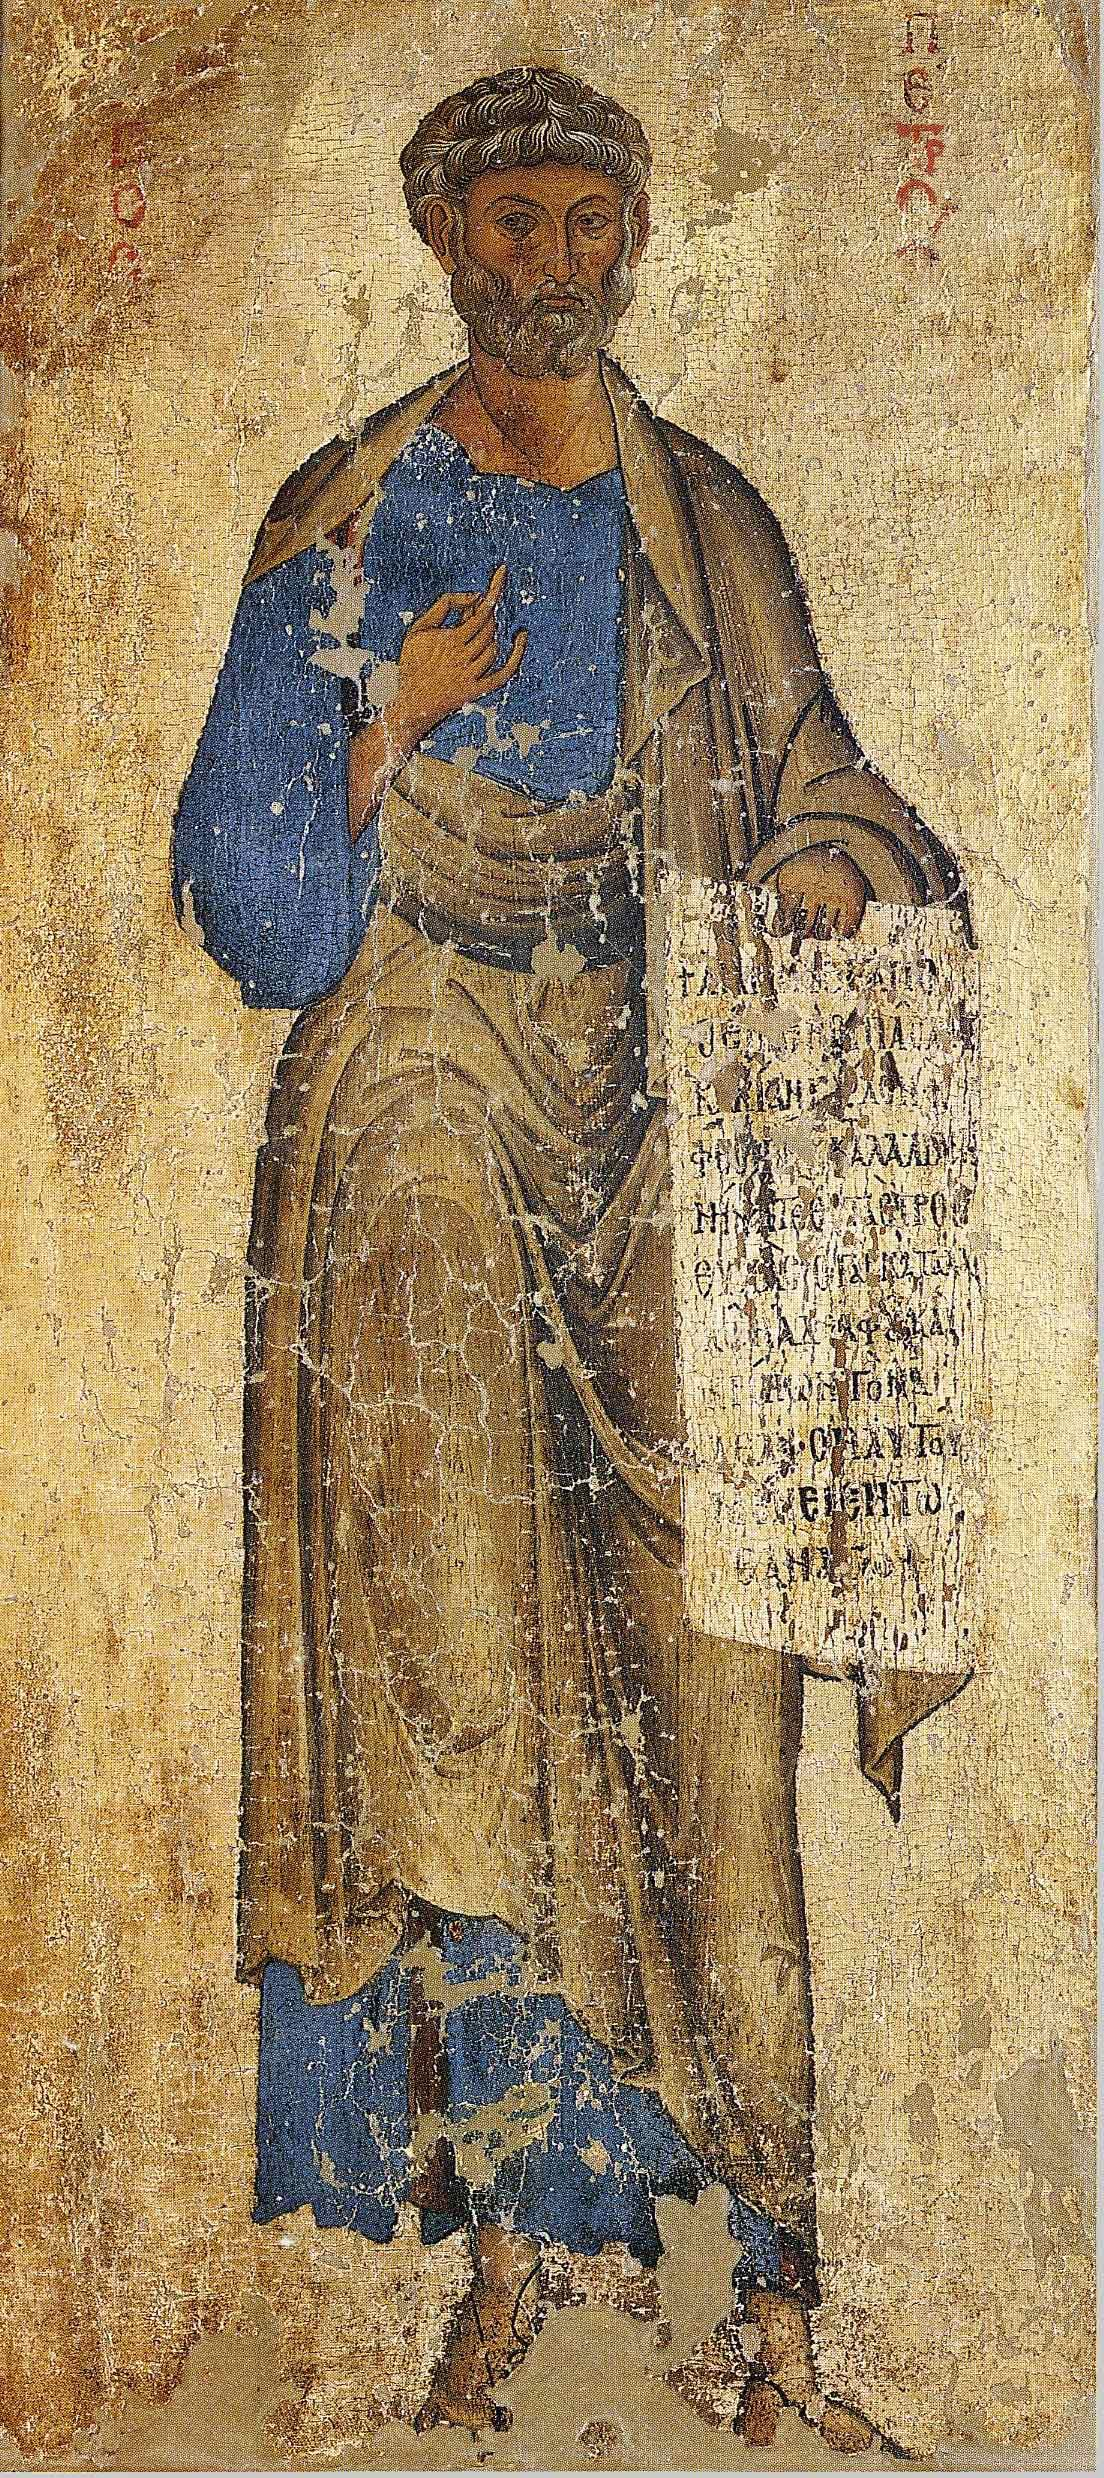 Άγιος Πέτρος ο Απόστολος / Saint Peter the Apostle